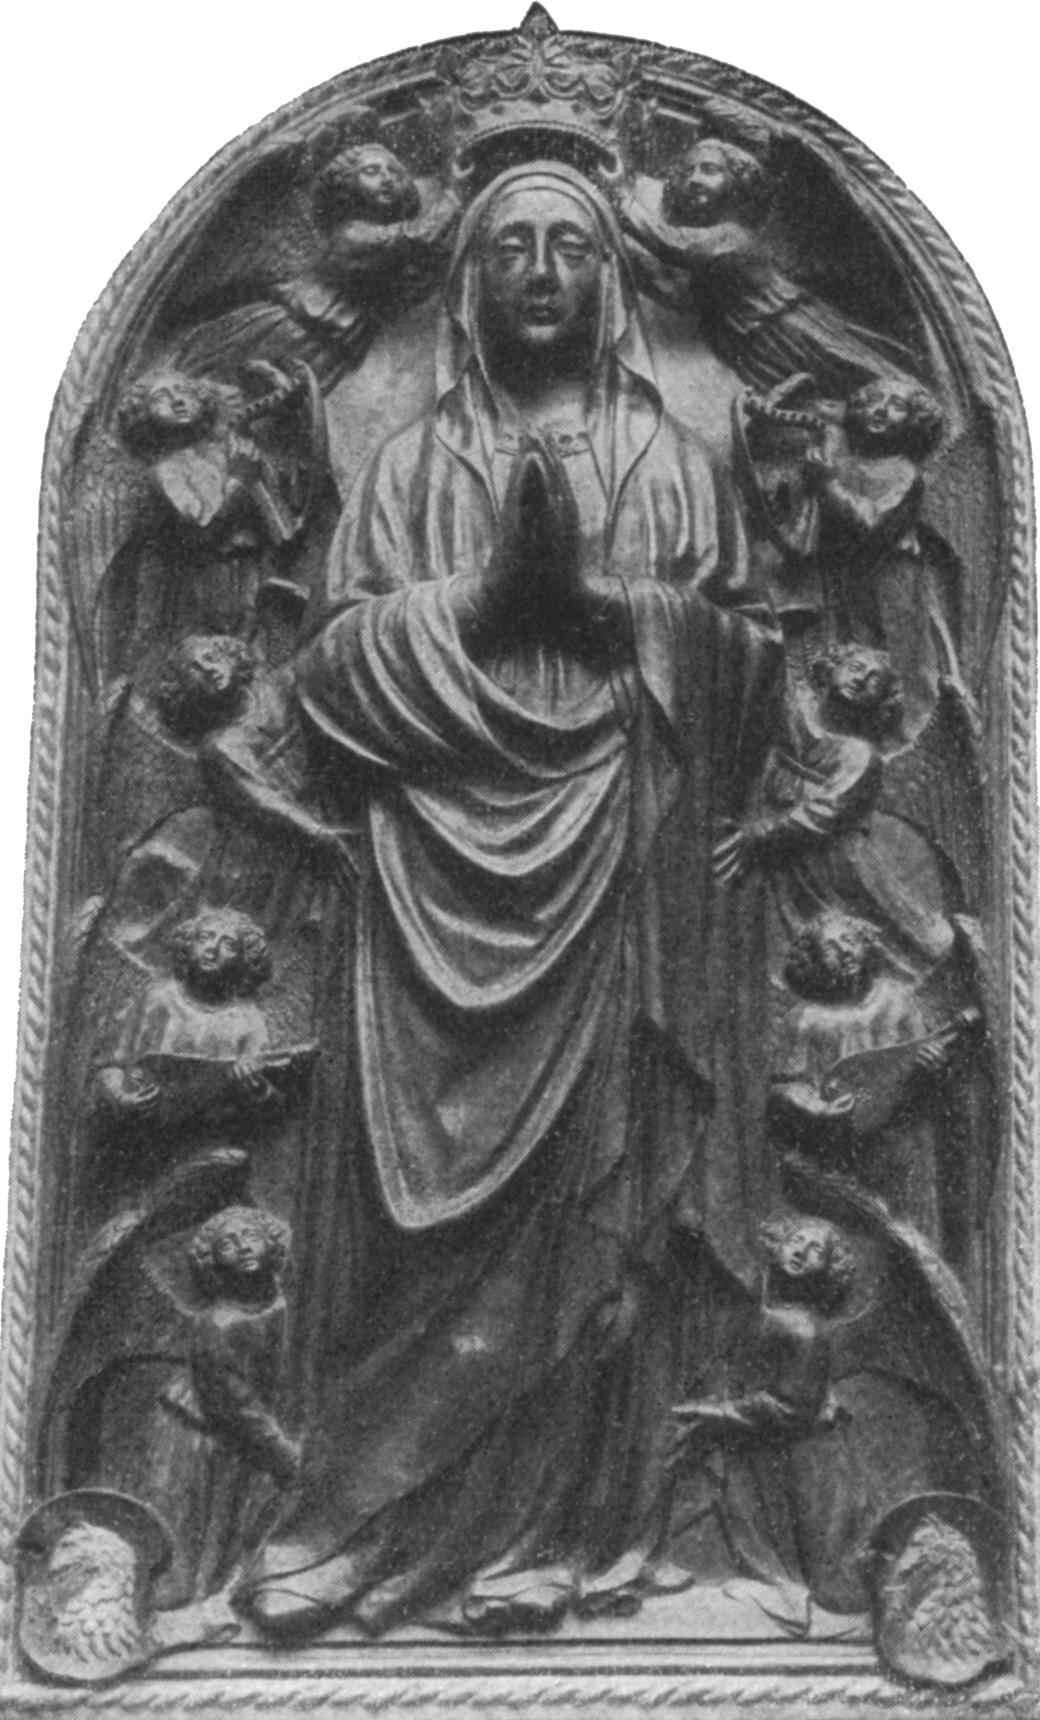 Assunta ghiberti wikipedia for Marini arredamenti sant angelo in vado